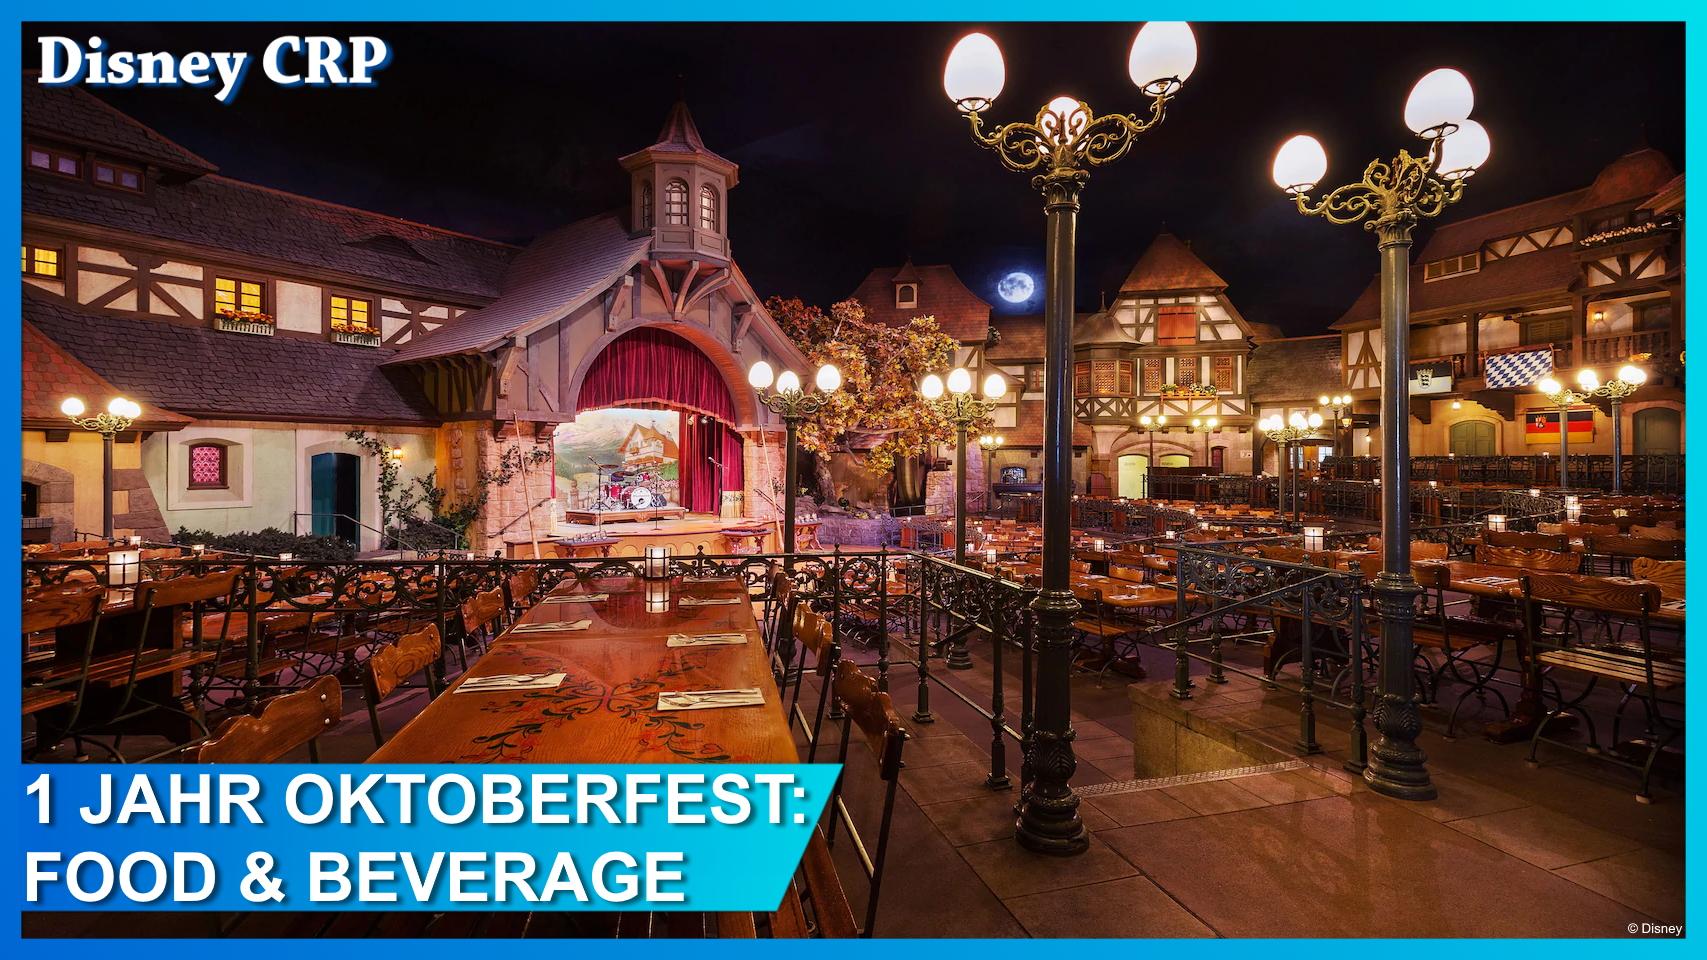 Biergarten Restaurant Disney CRP